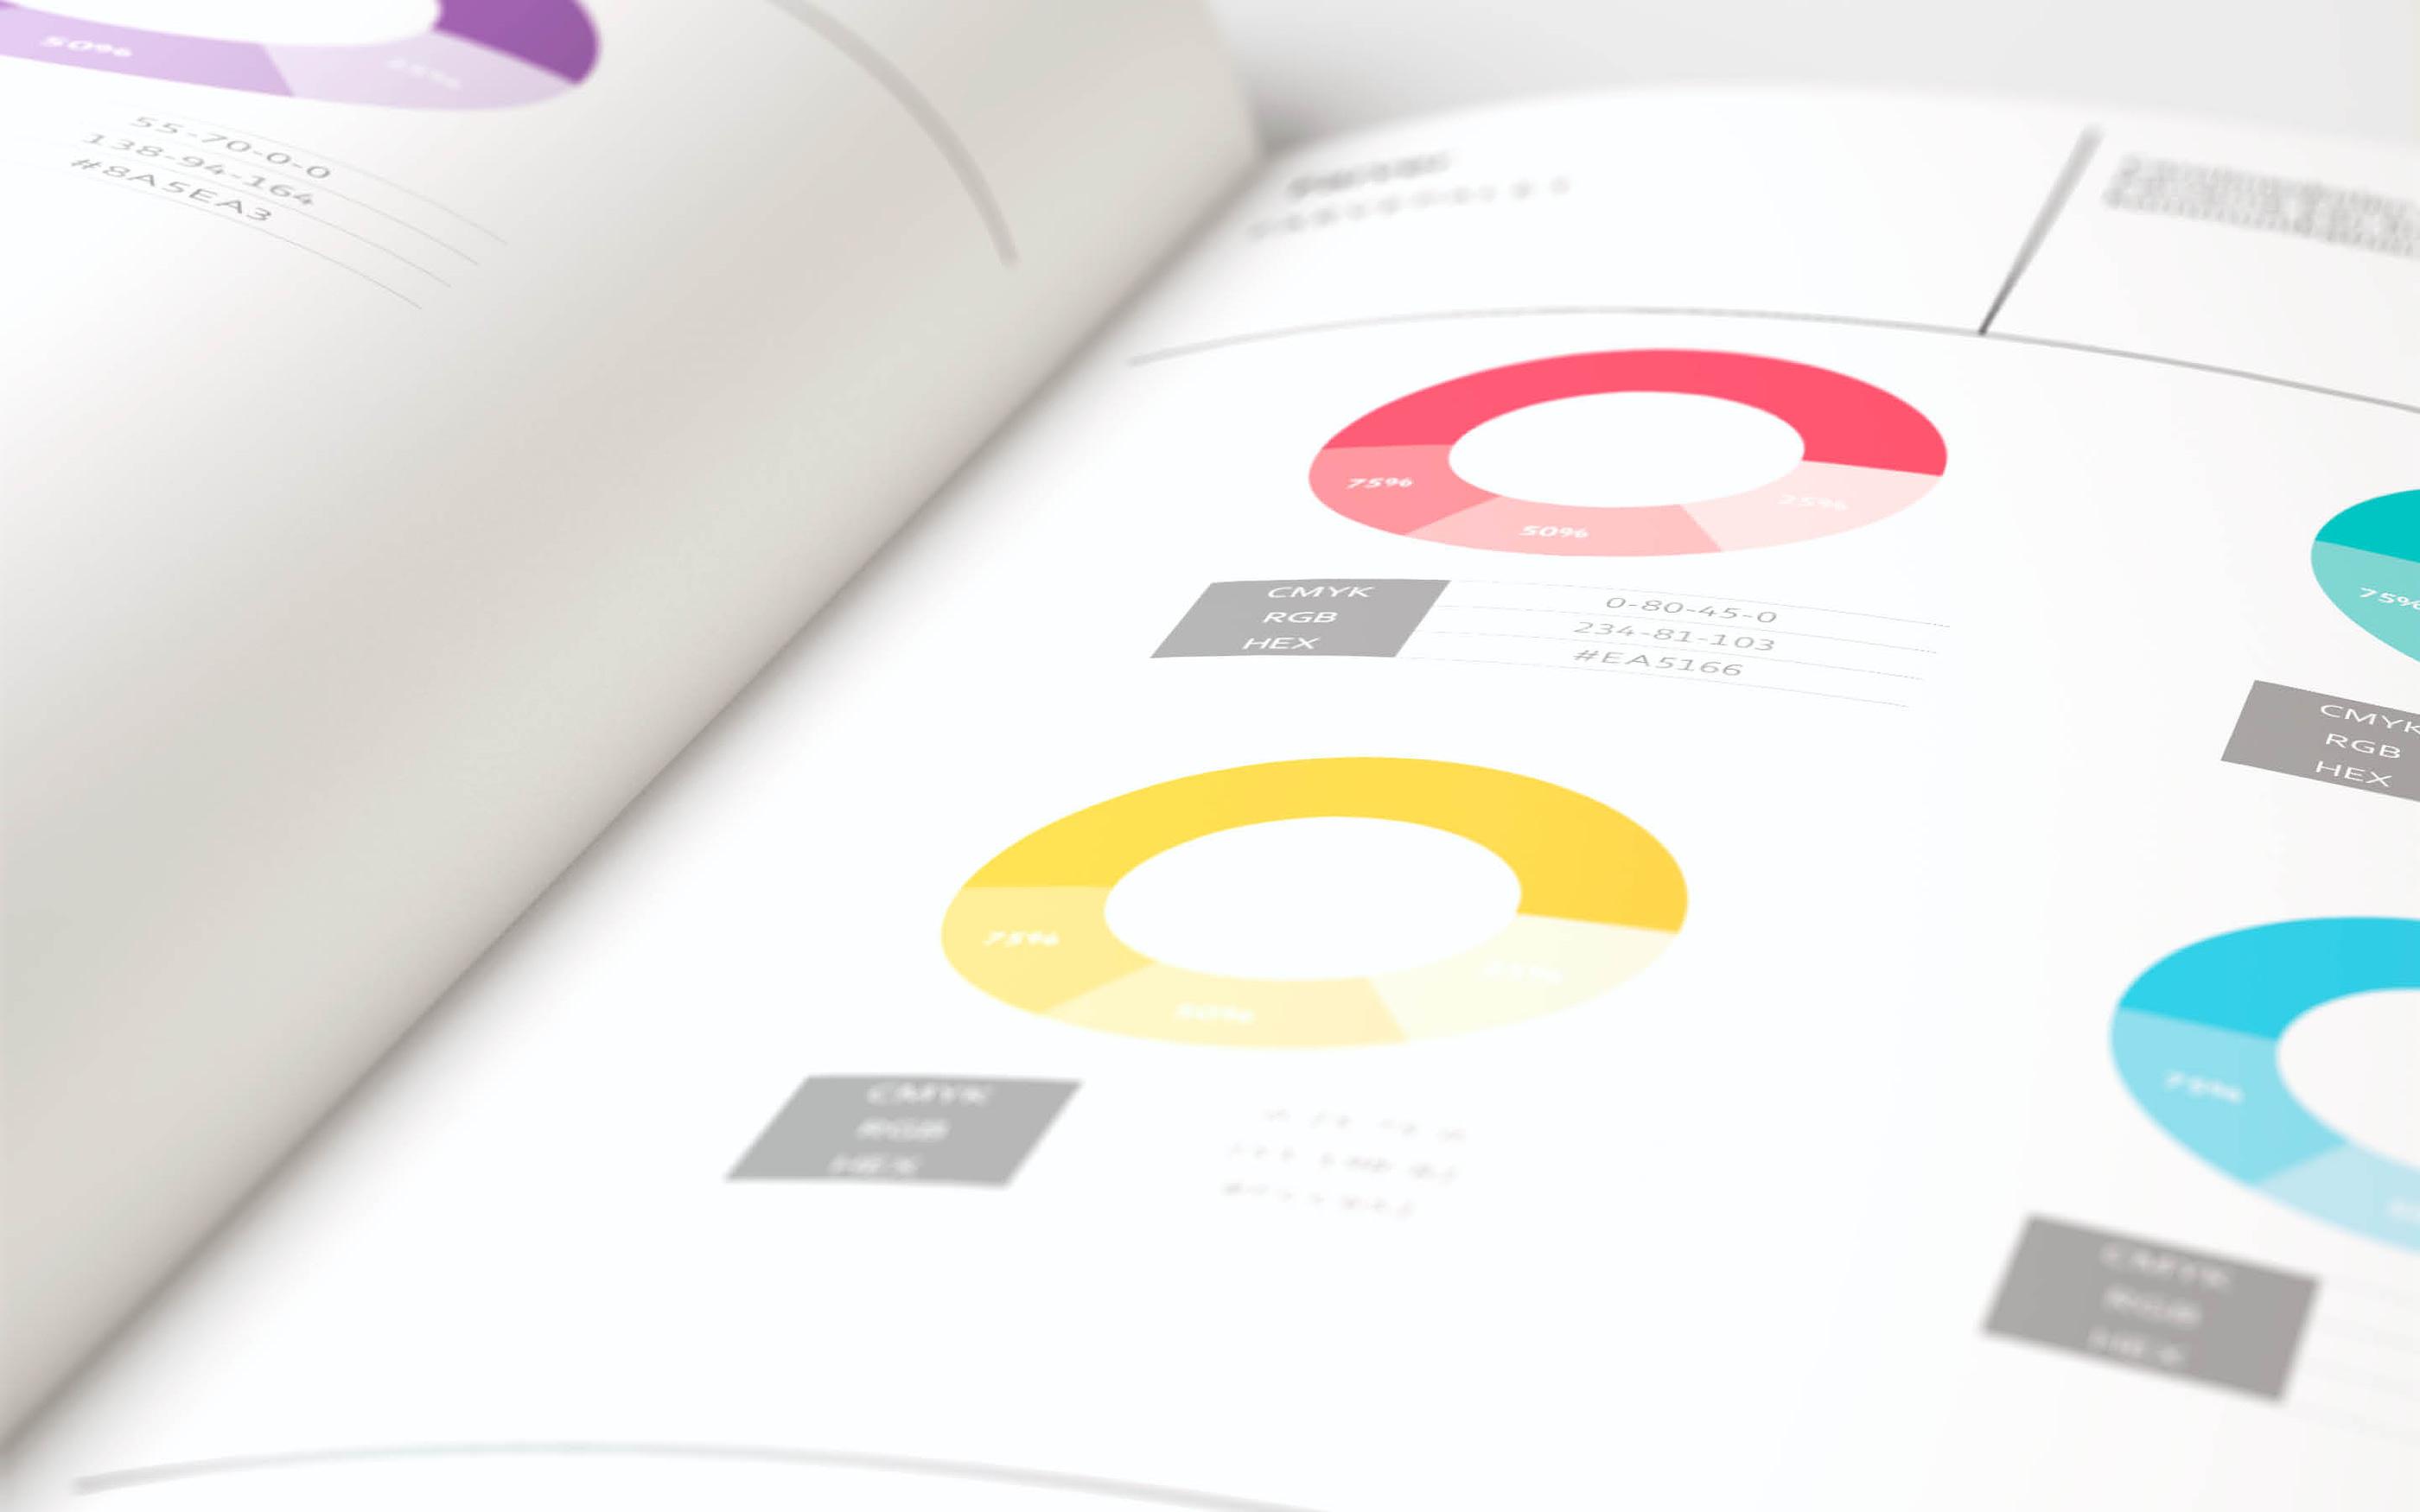 Farver er en del af designmanualen for Carolineskolen